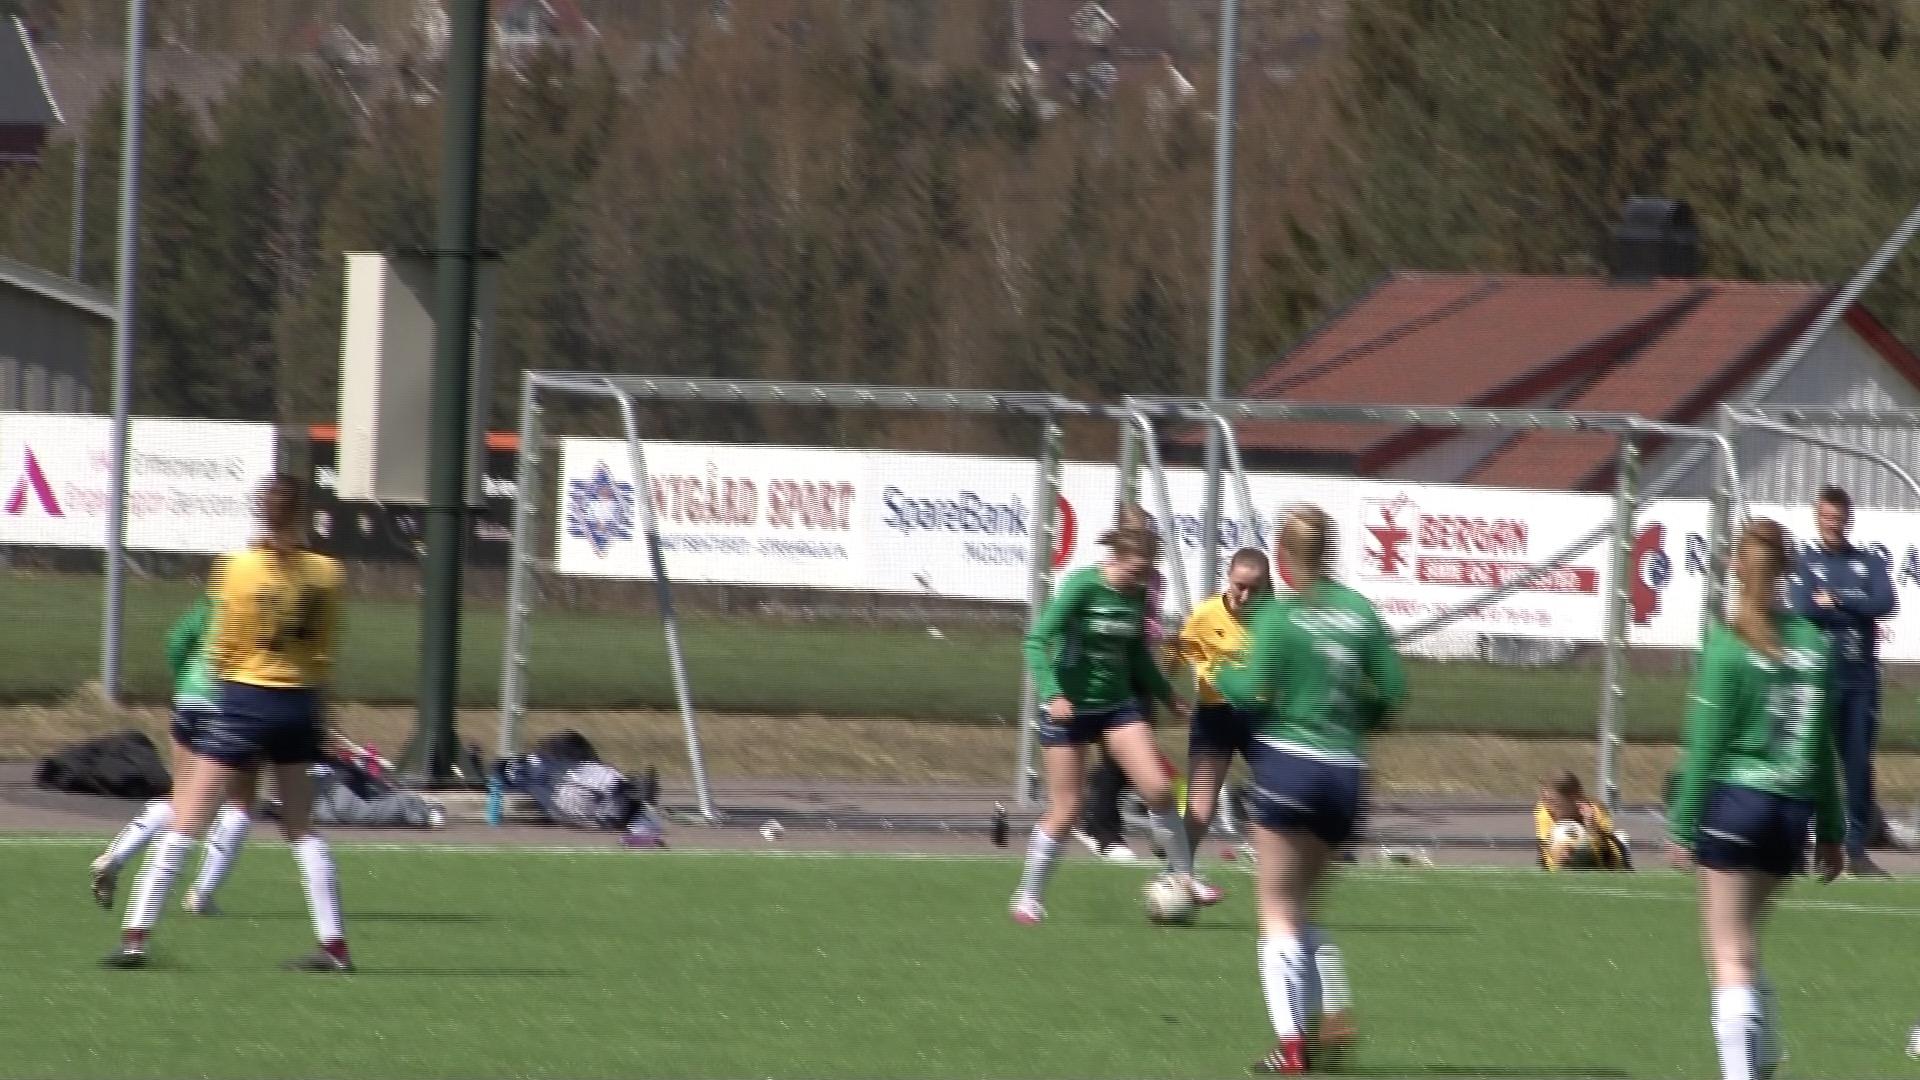 Arrangerte uhøytidelig fotballcup for jenter. Bostedadresse avgjorde hvilket lag man spilte på